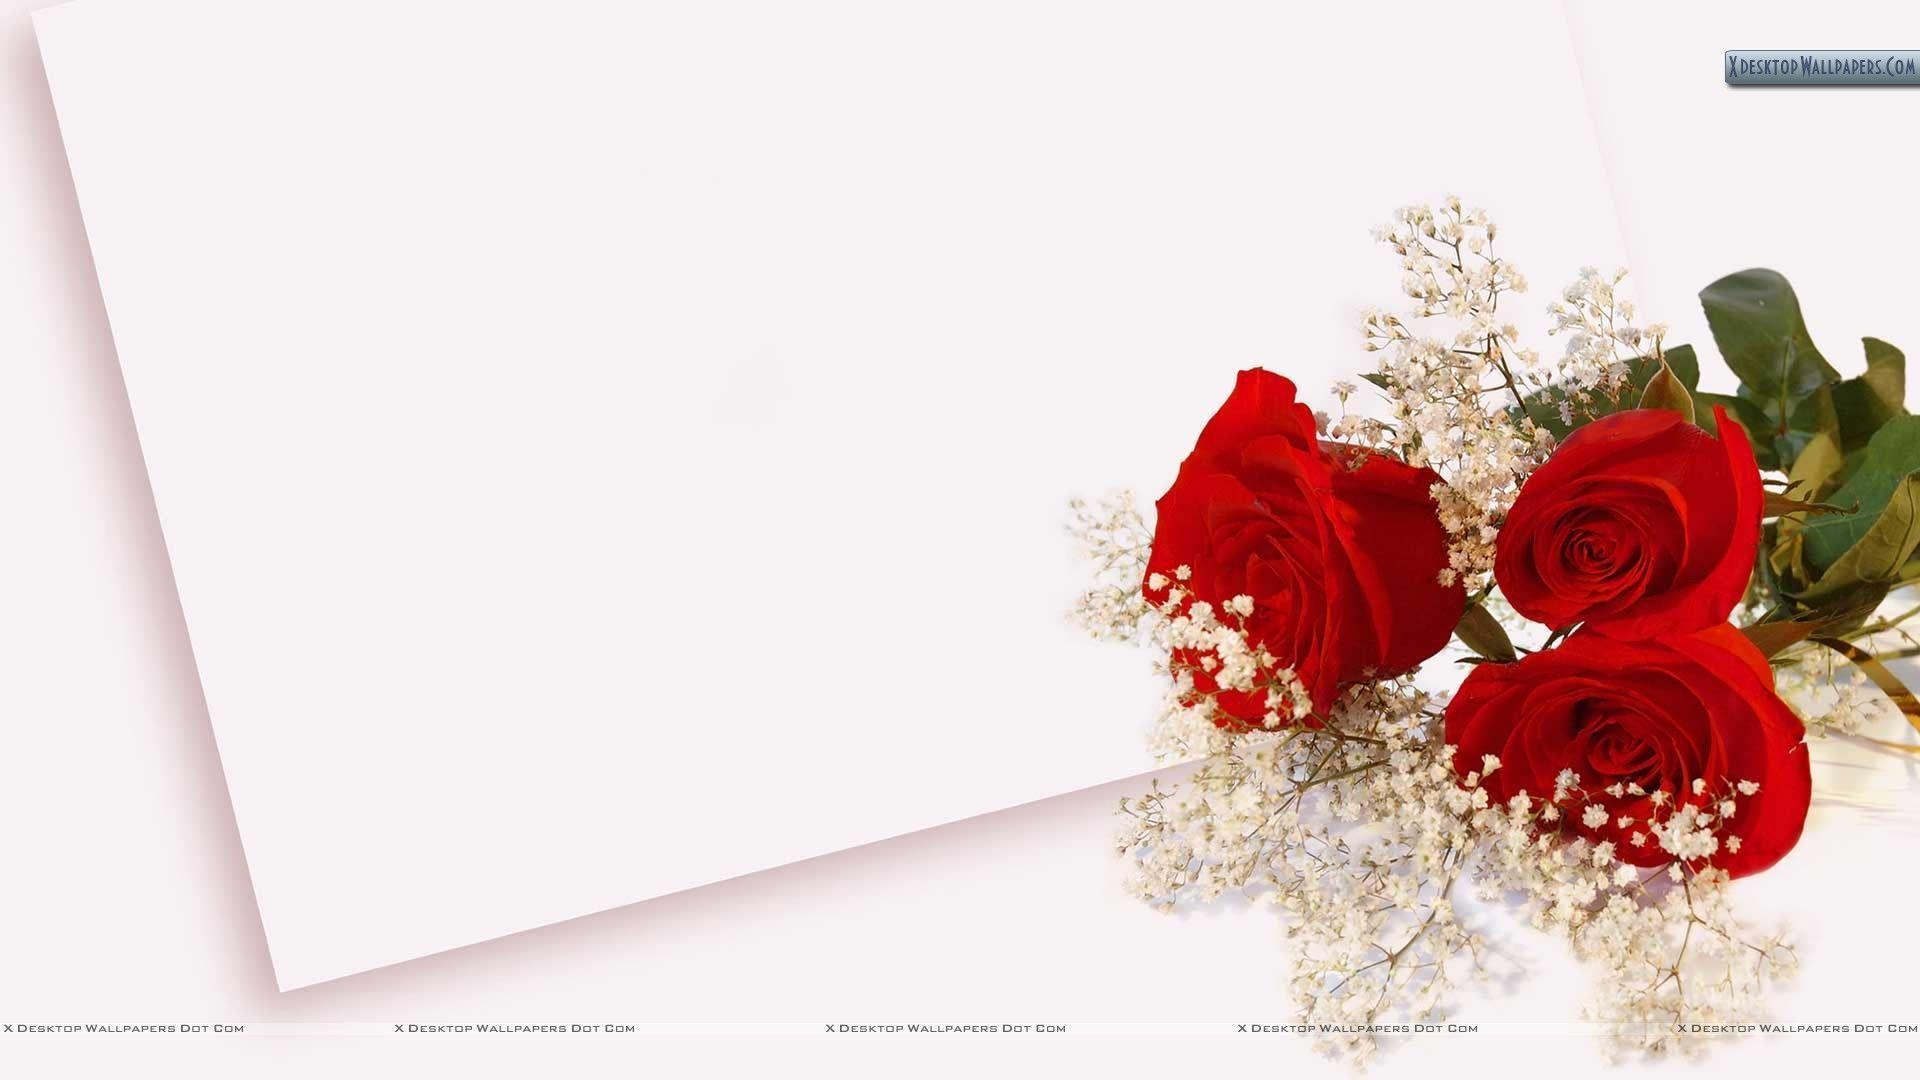 rose wedding invitation background - photo #37